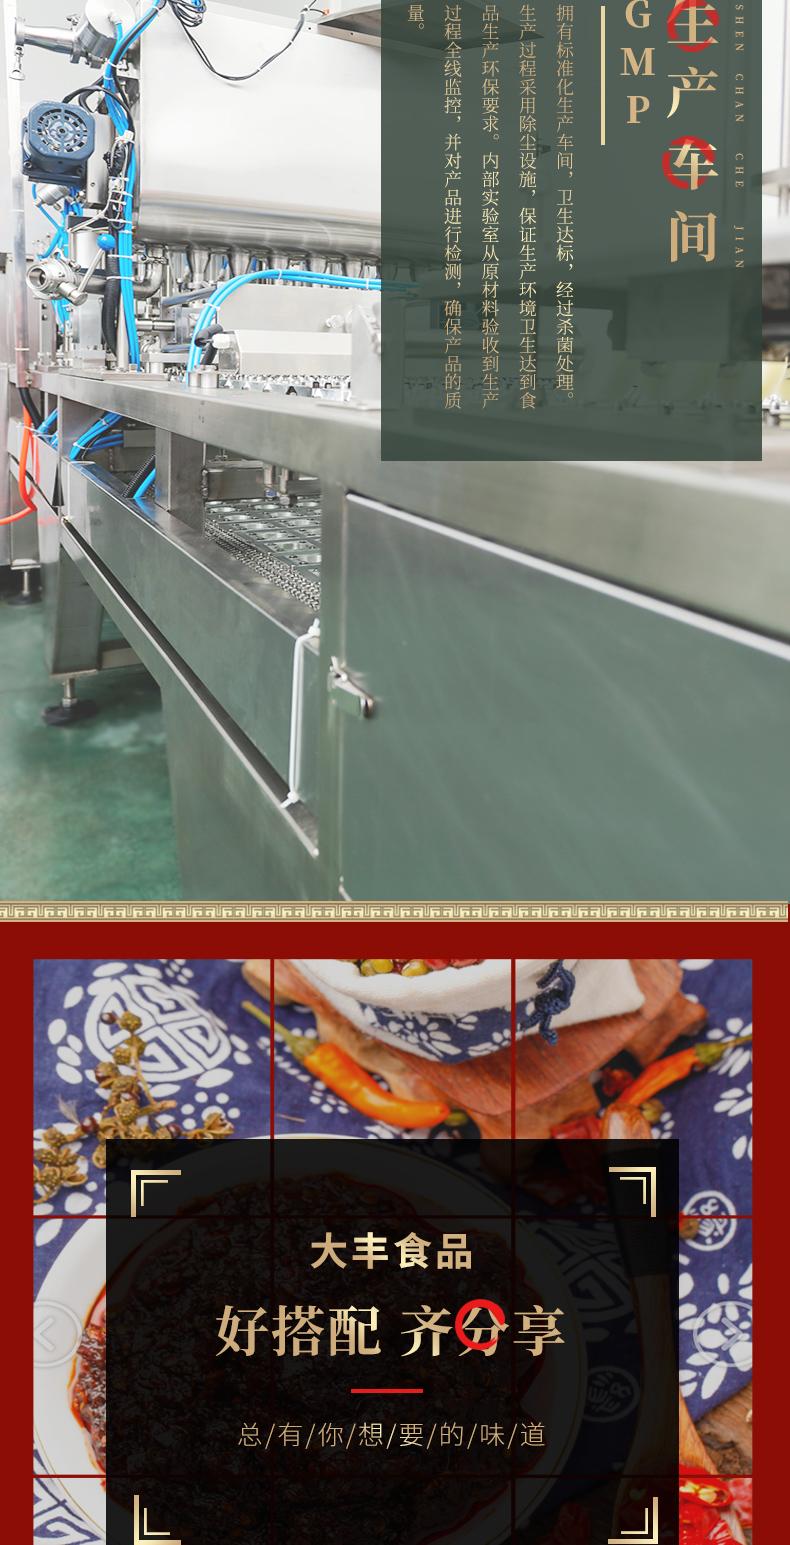 08青岛大丰食品一人食杯装酱生产厂家